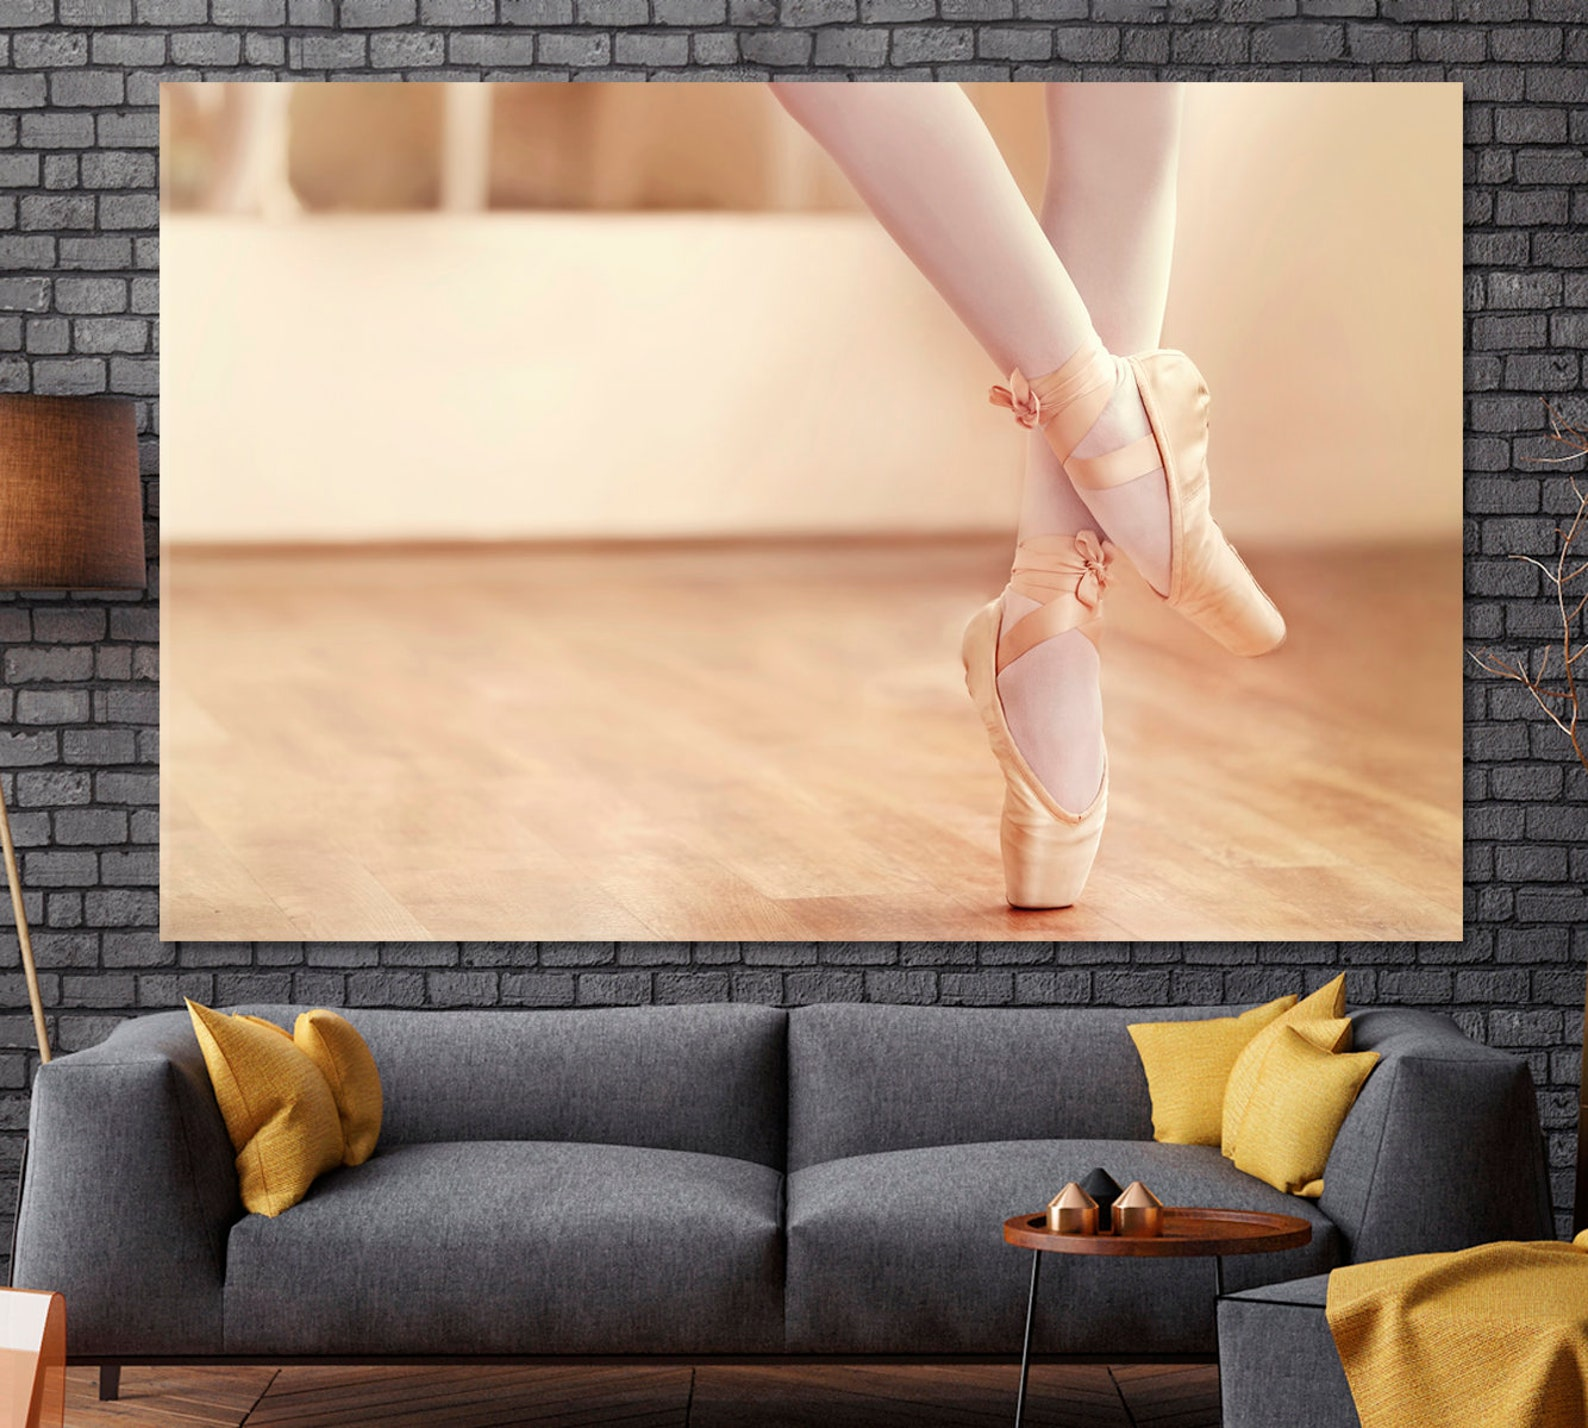 ballet canvas print, ballerina wall art, dancer artwork, ballet shoes poster, ballet modern decor, classic ballet art, ballet sc